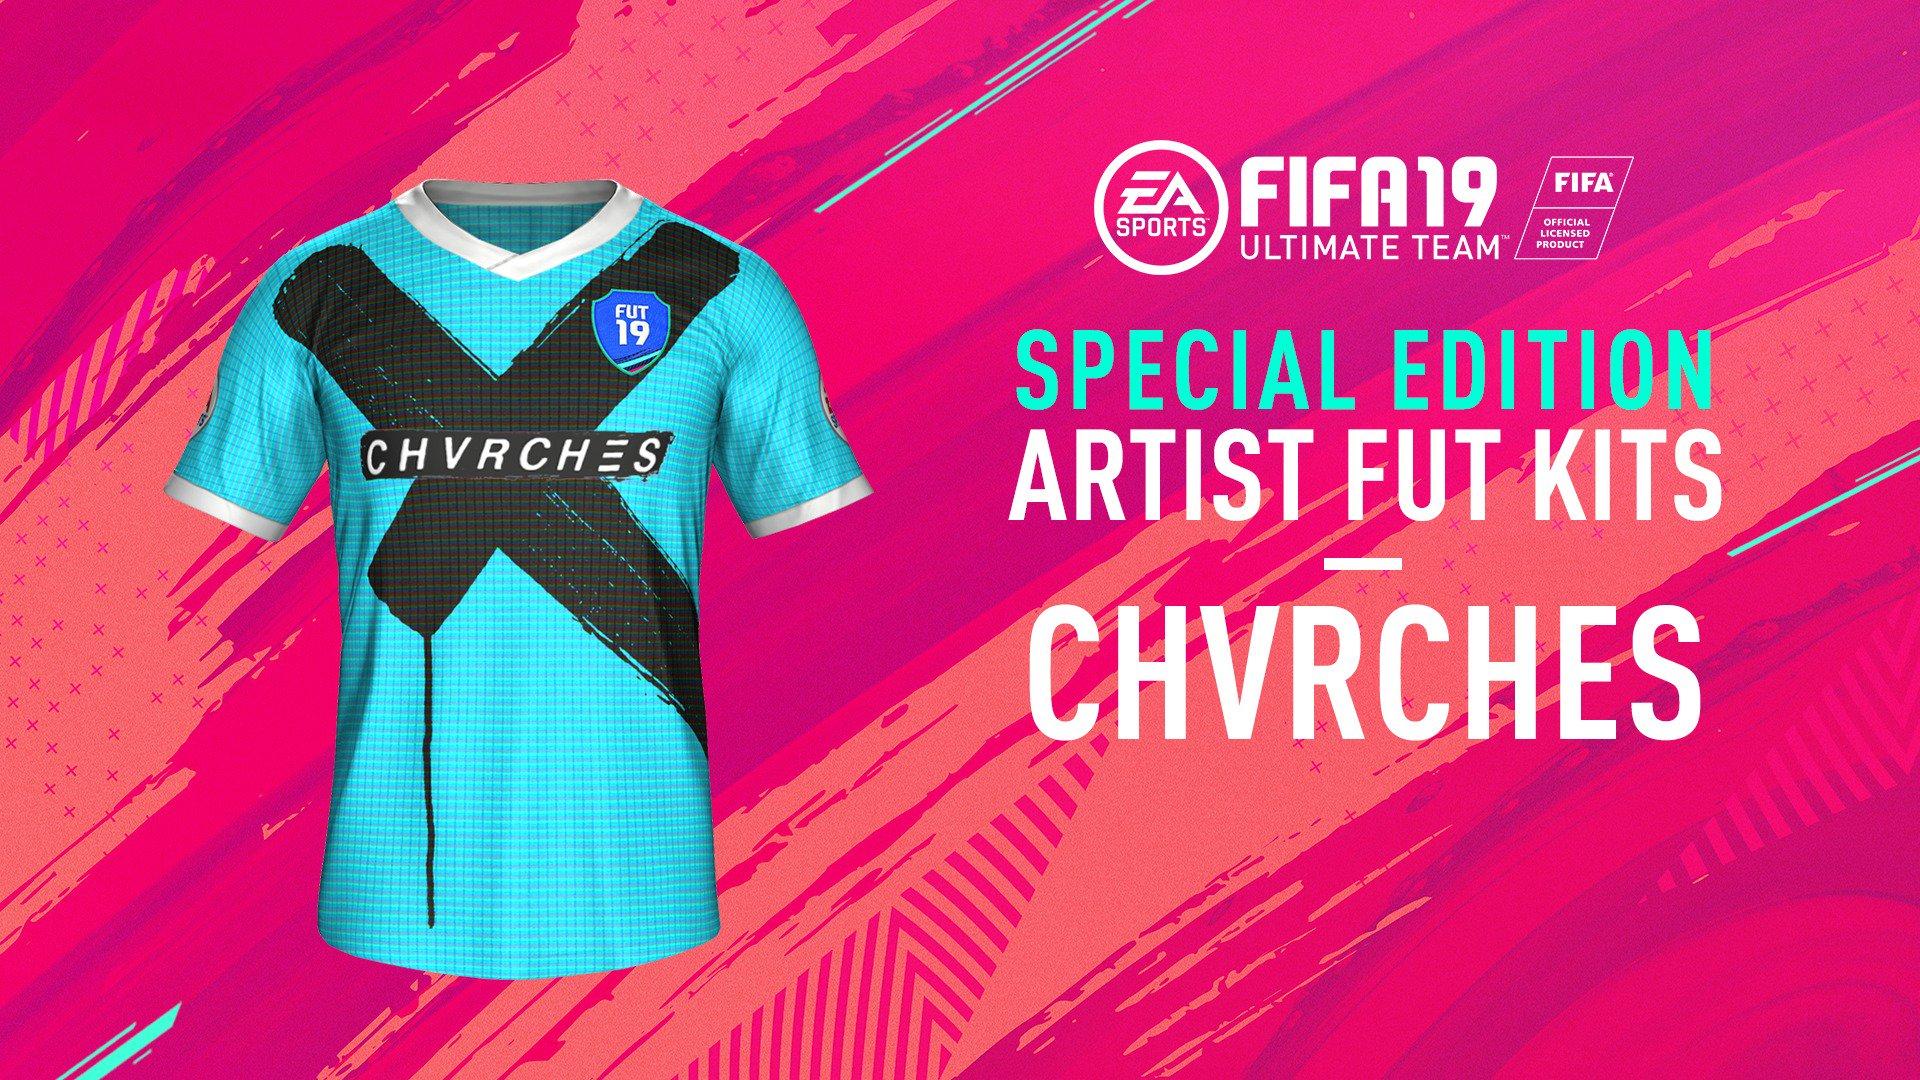 CHVRCHΞS on Twitter